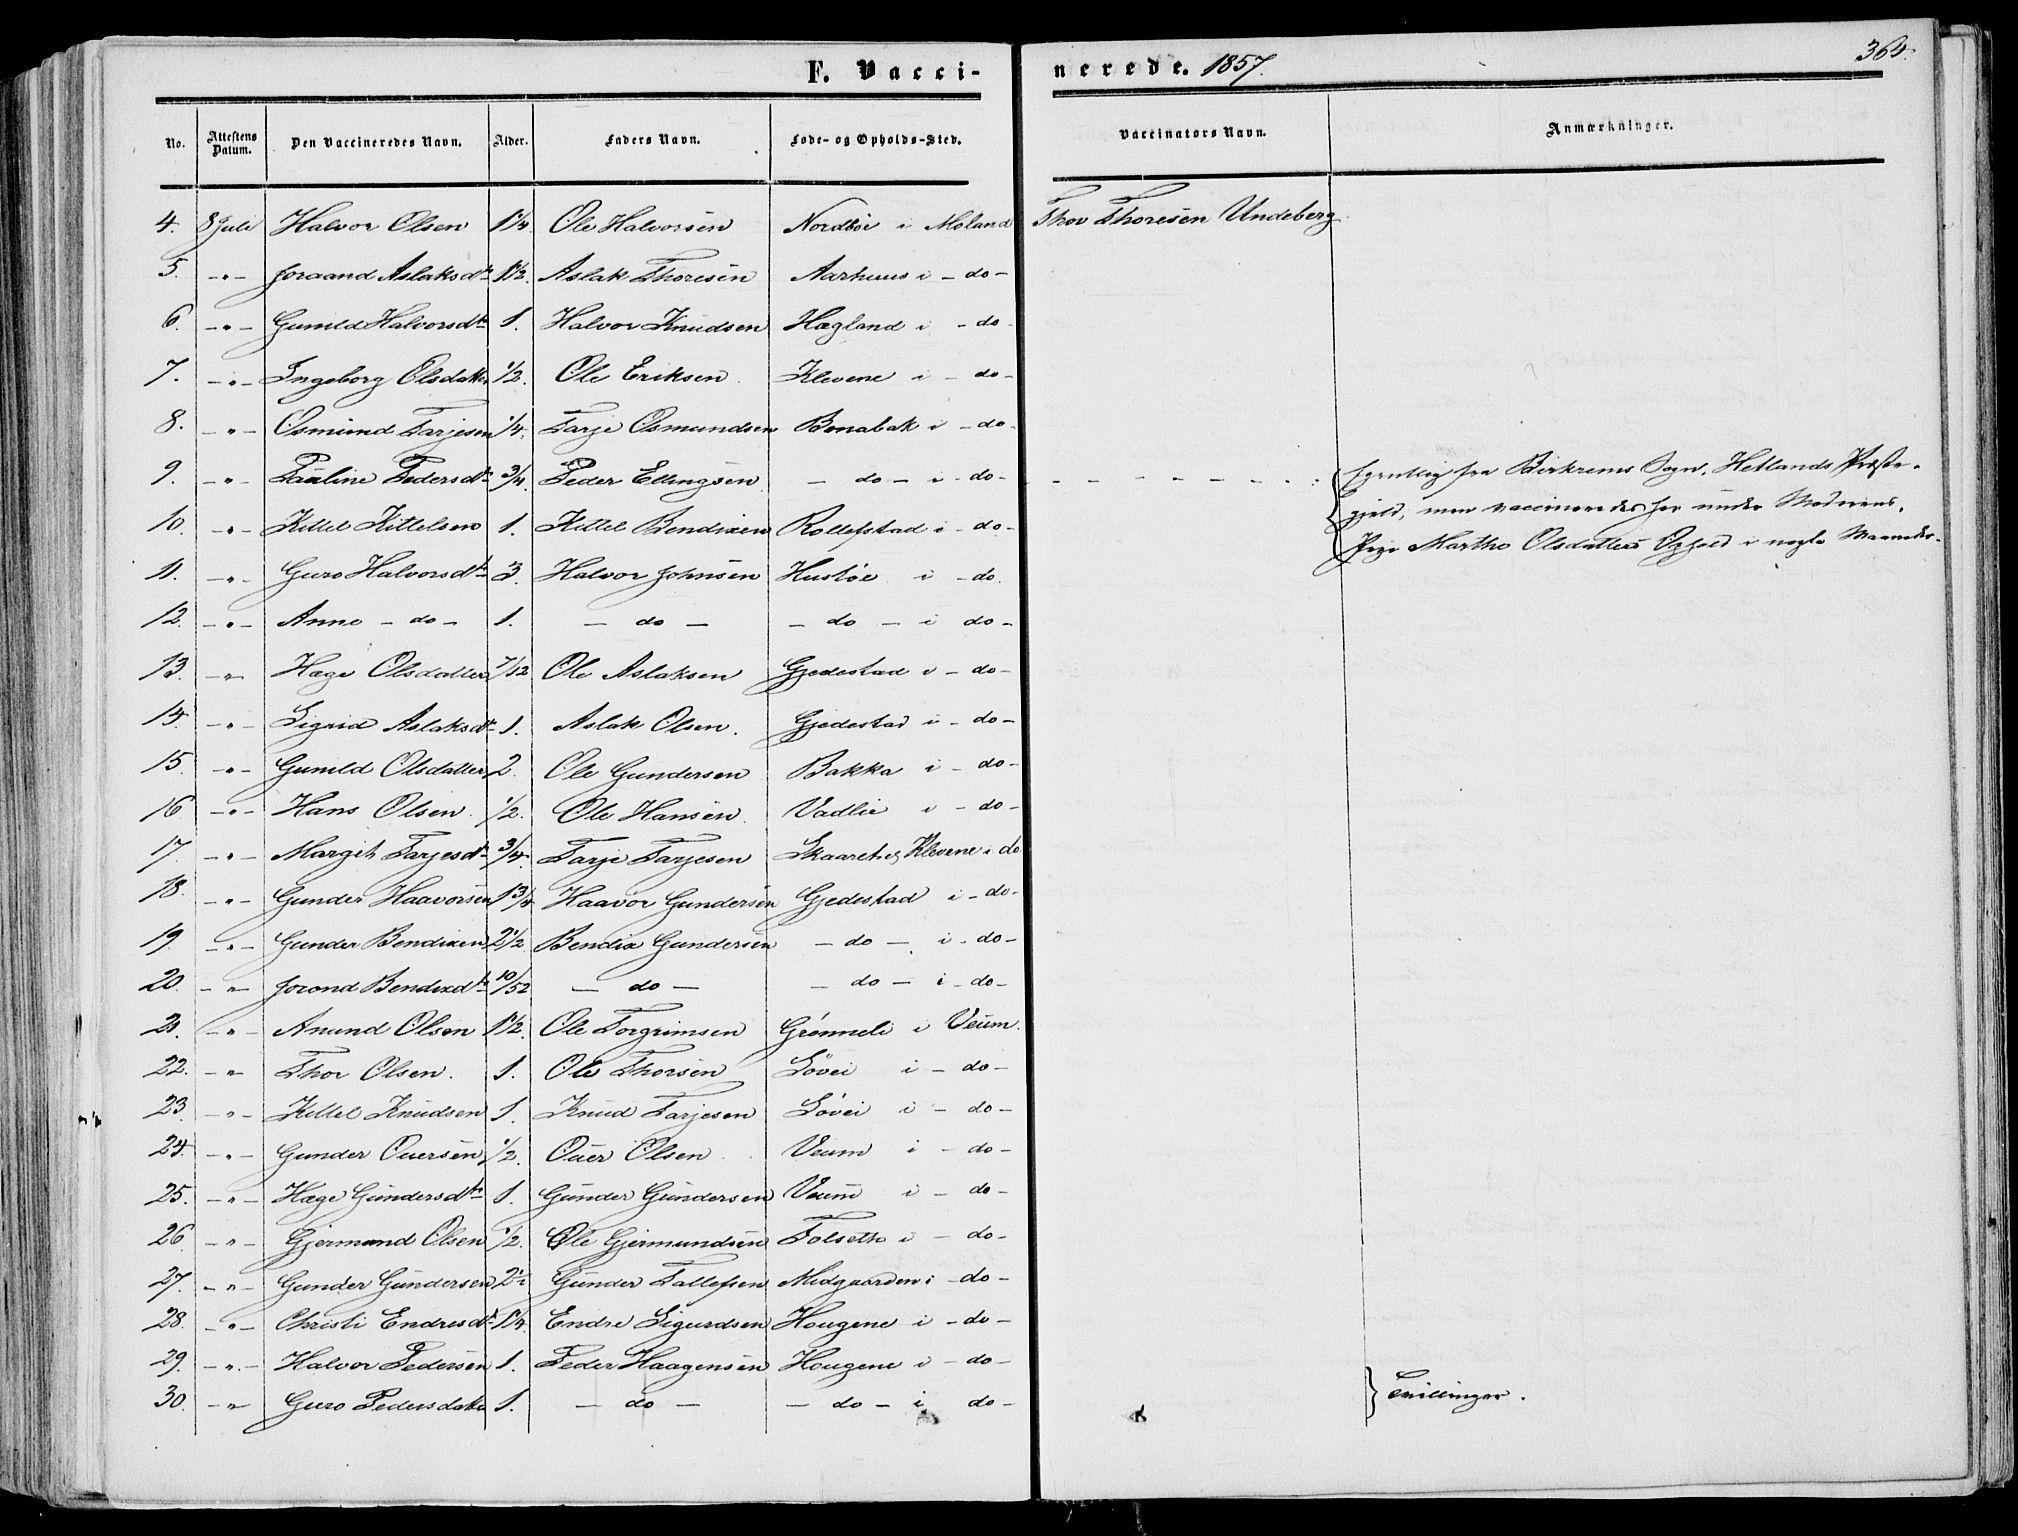 SAKO, Fyresdal kirkebøker, F/Fa/L0005: Ministerialbok nr. I 5, 1855-1871, s. 364